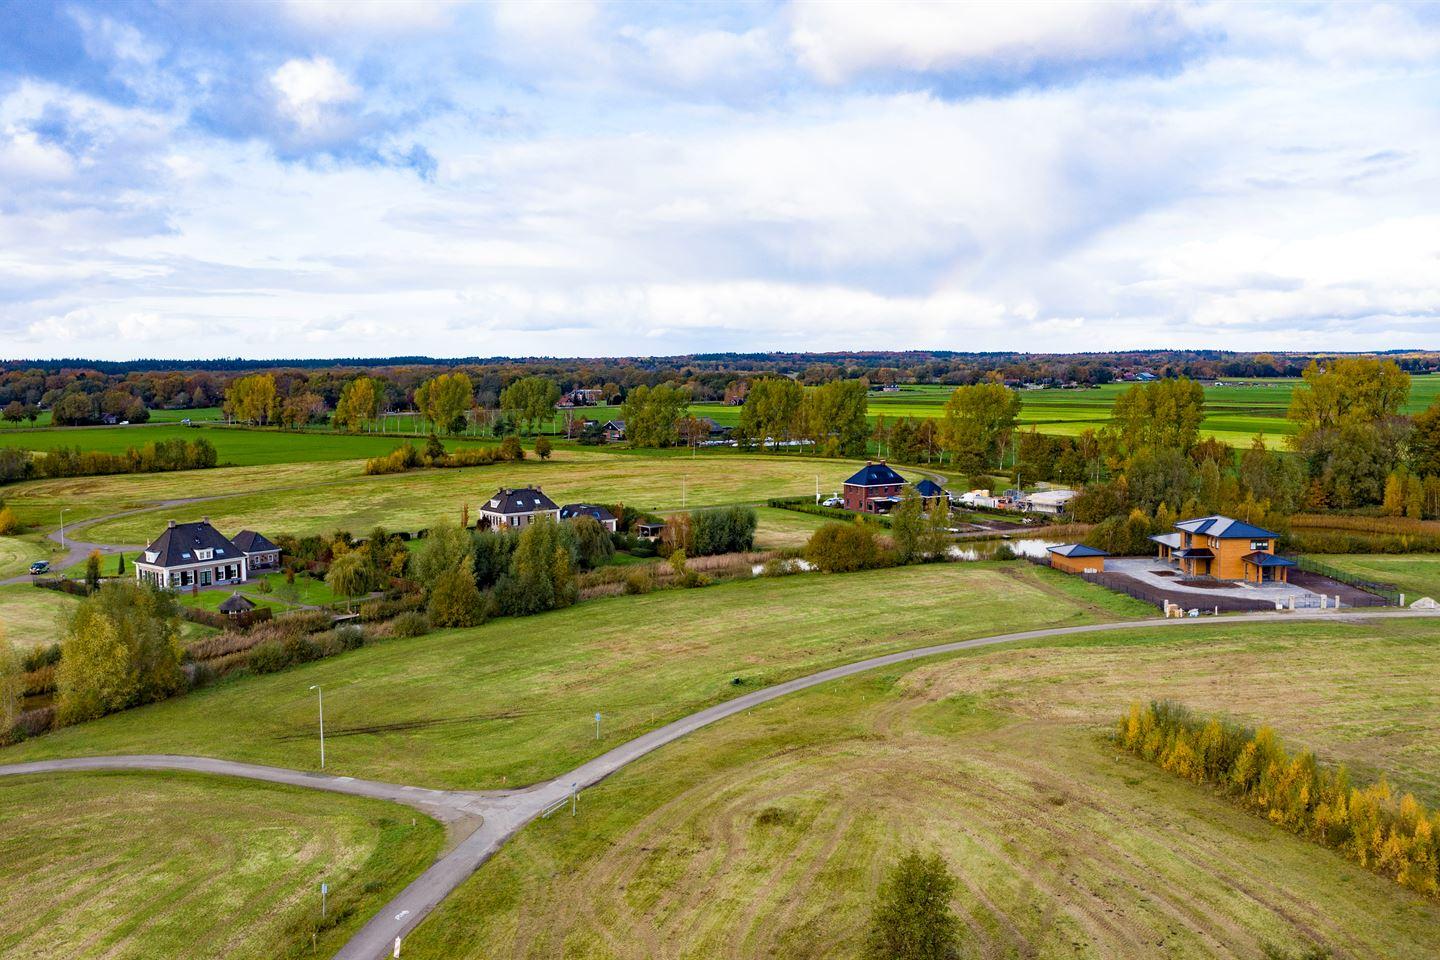 Bekijk foto 4 van Landgoed de Woldberg kavel 73 (Bouwnr. 52)